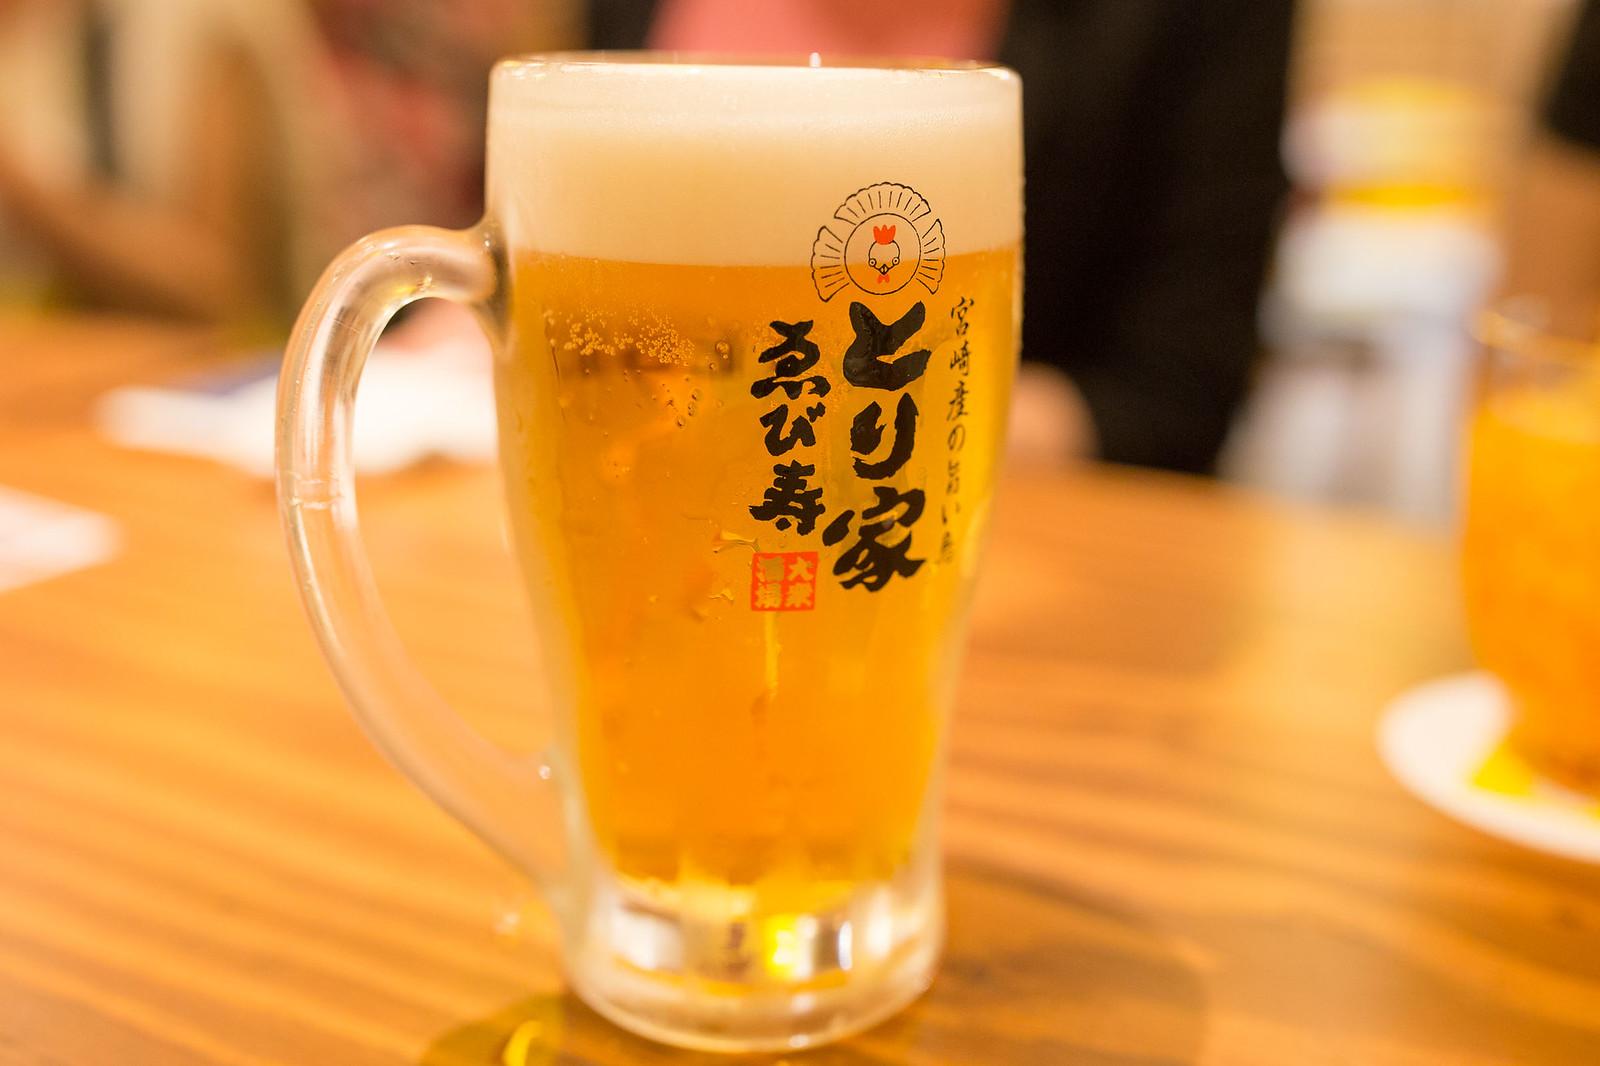 Shinjuku_meiten_yokocho-115